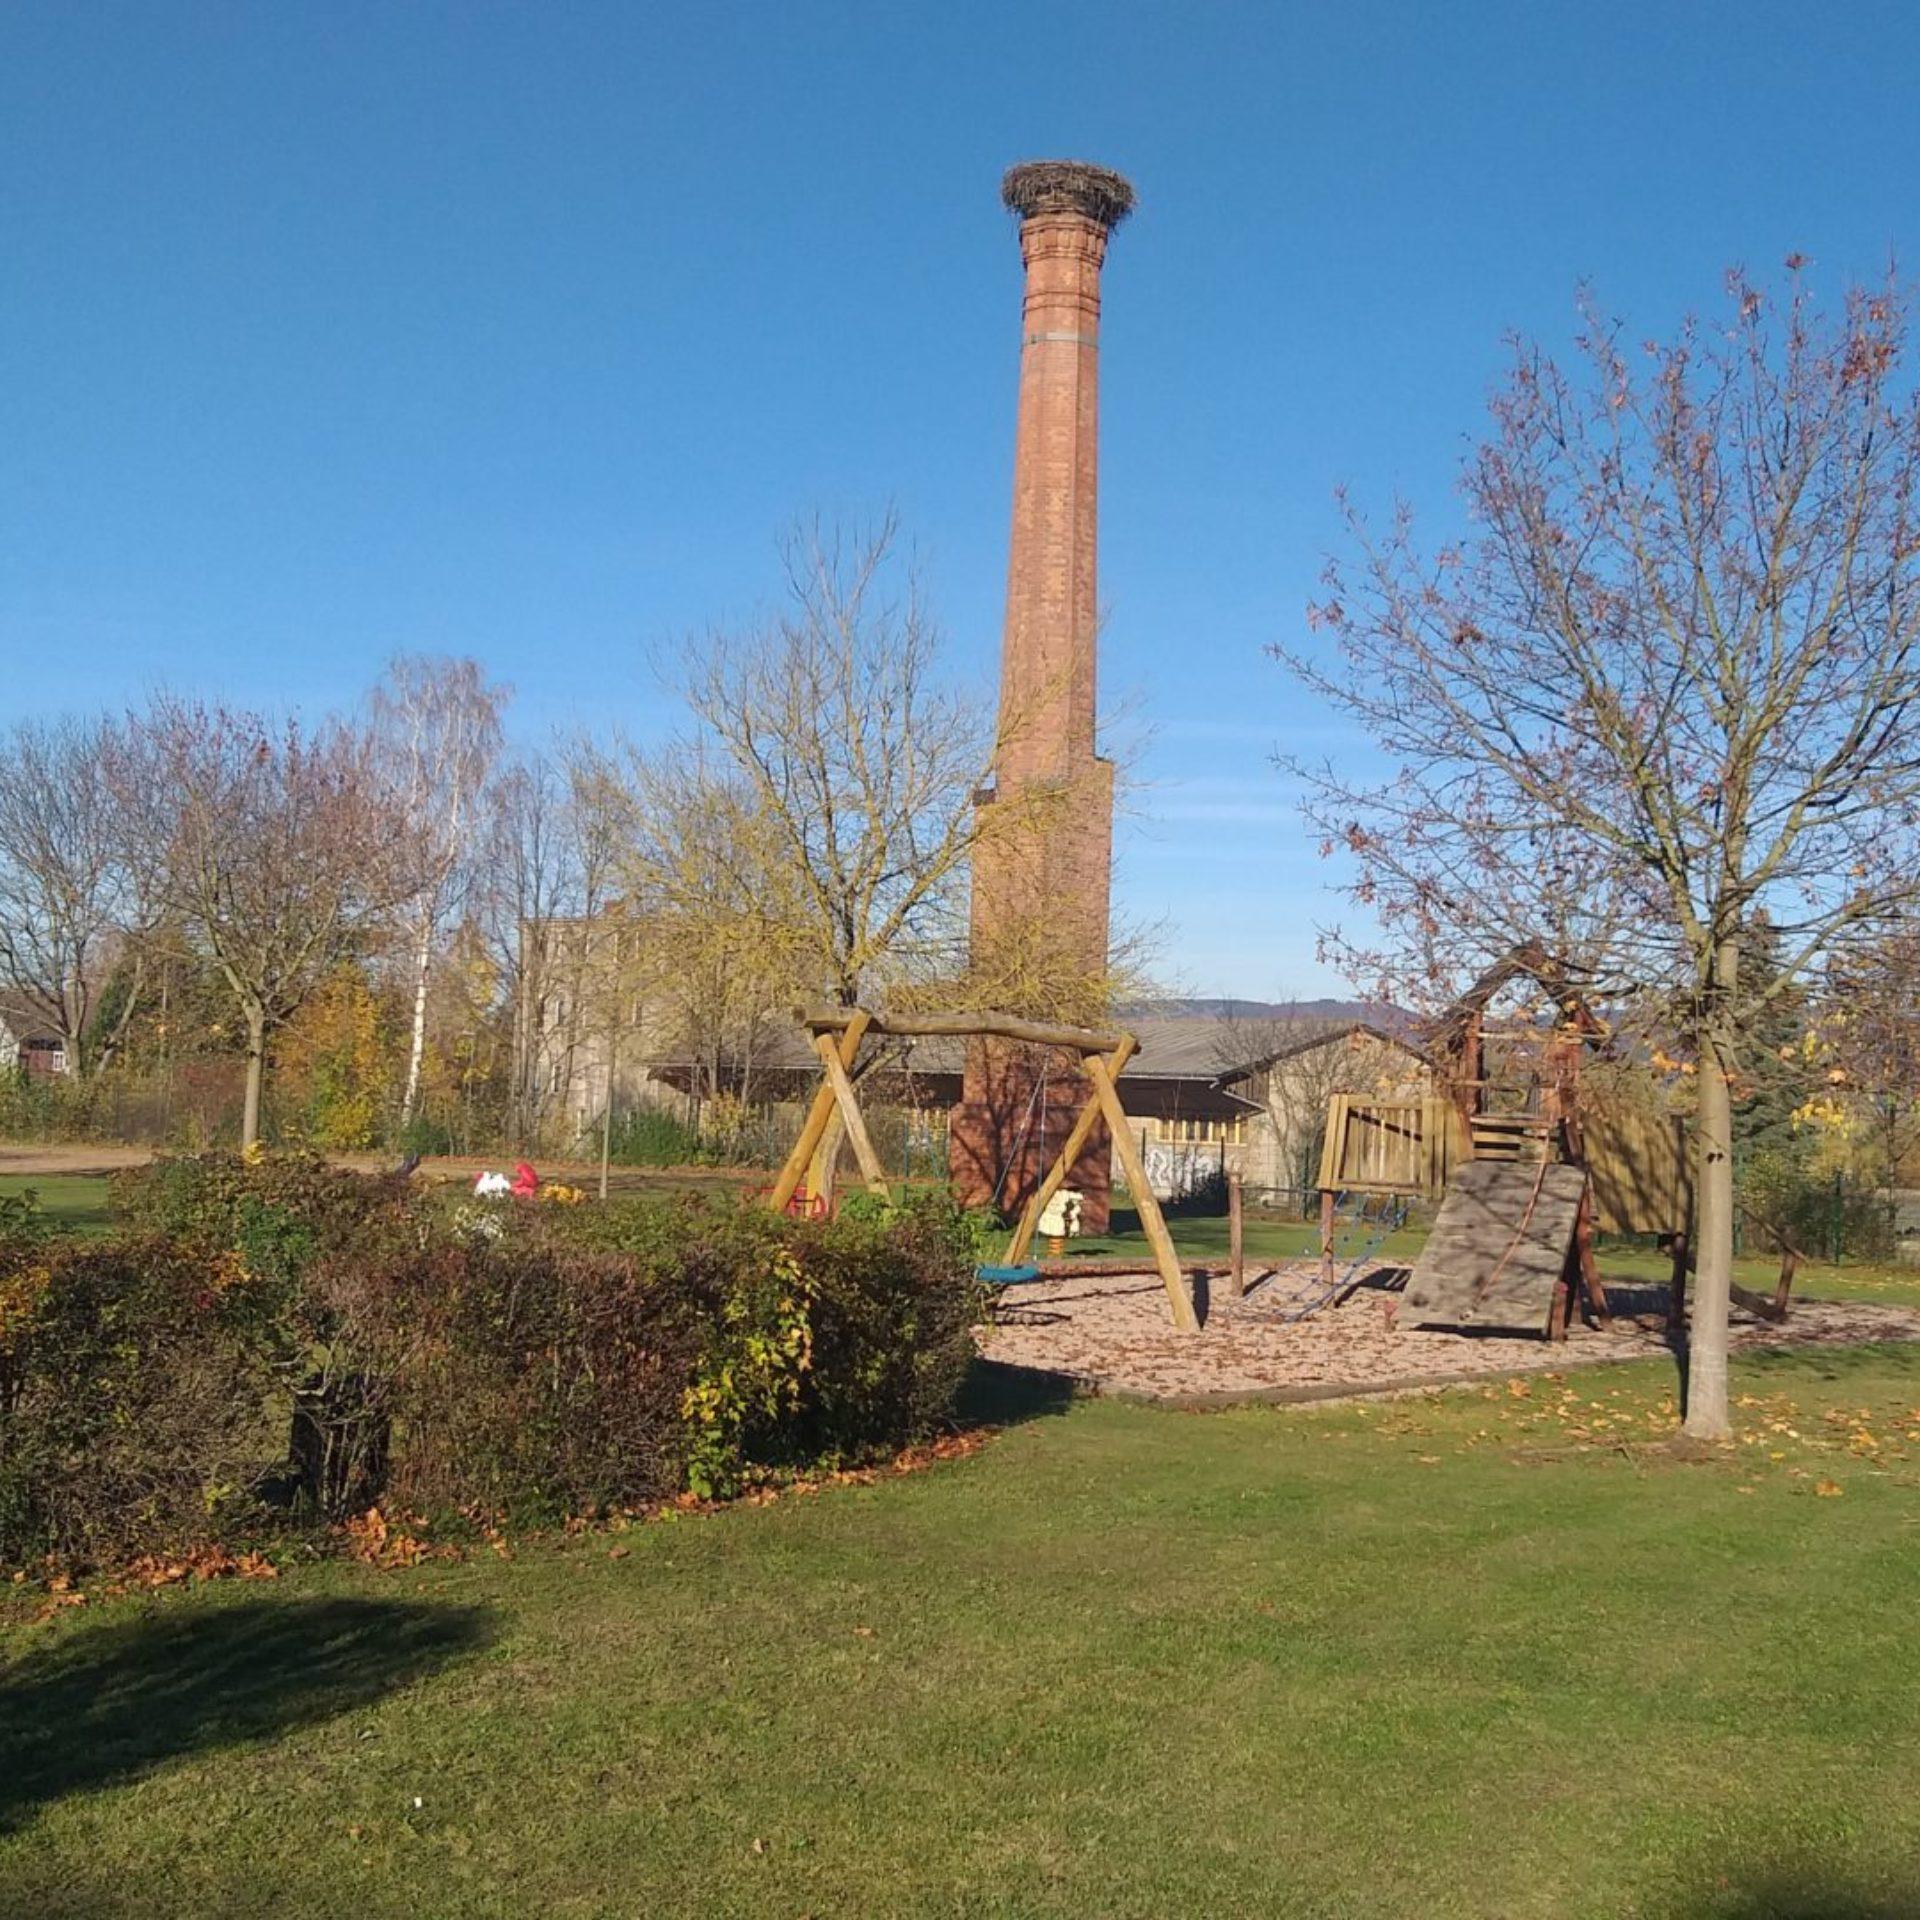 Storchenturm mit Spielplatz in Immelborn am Werratal-Radweg